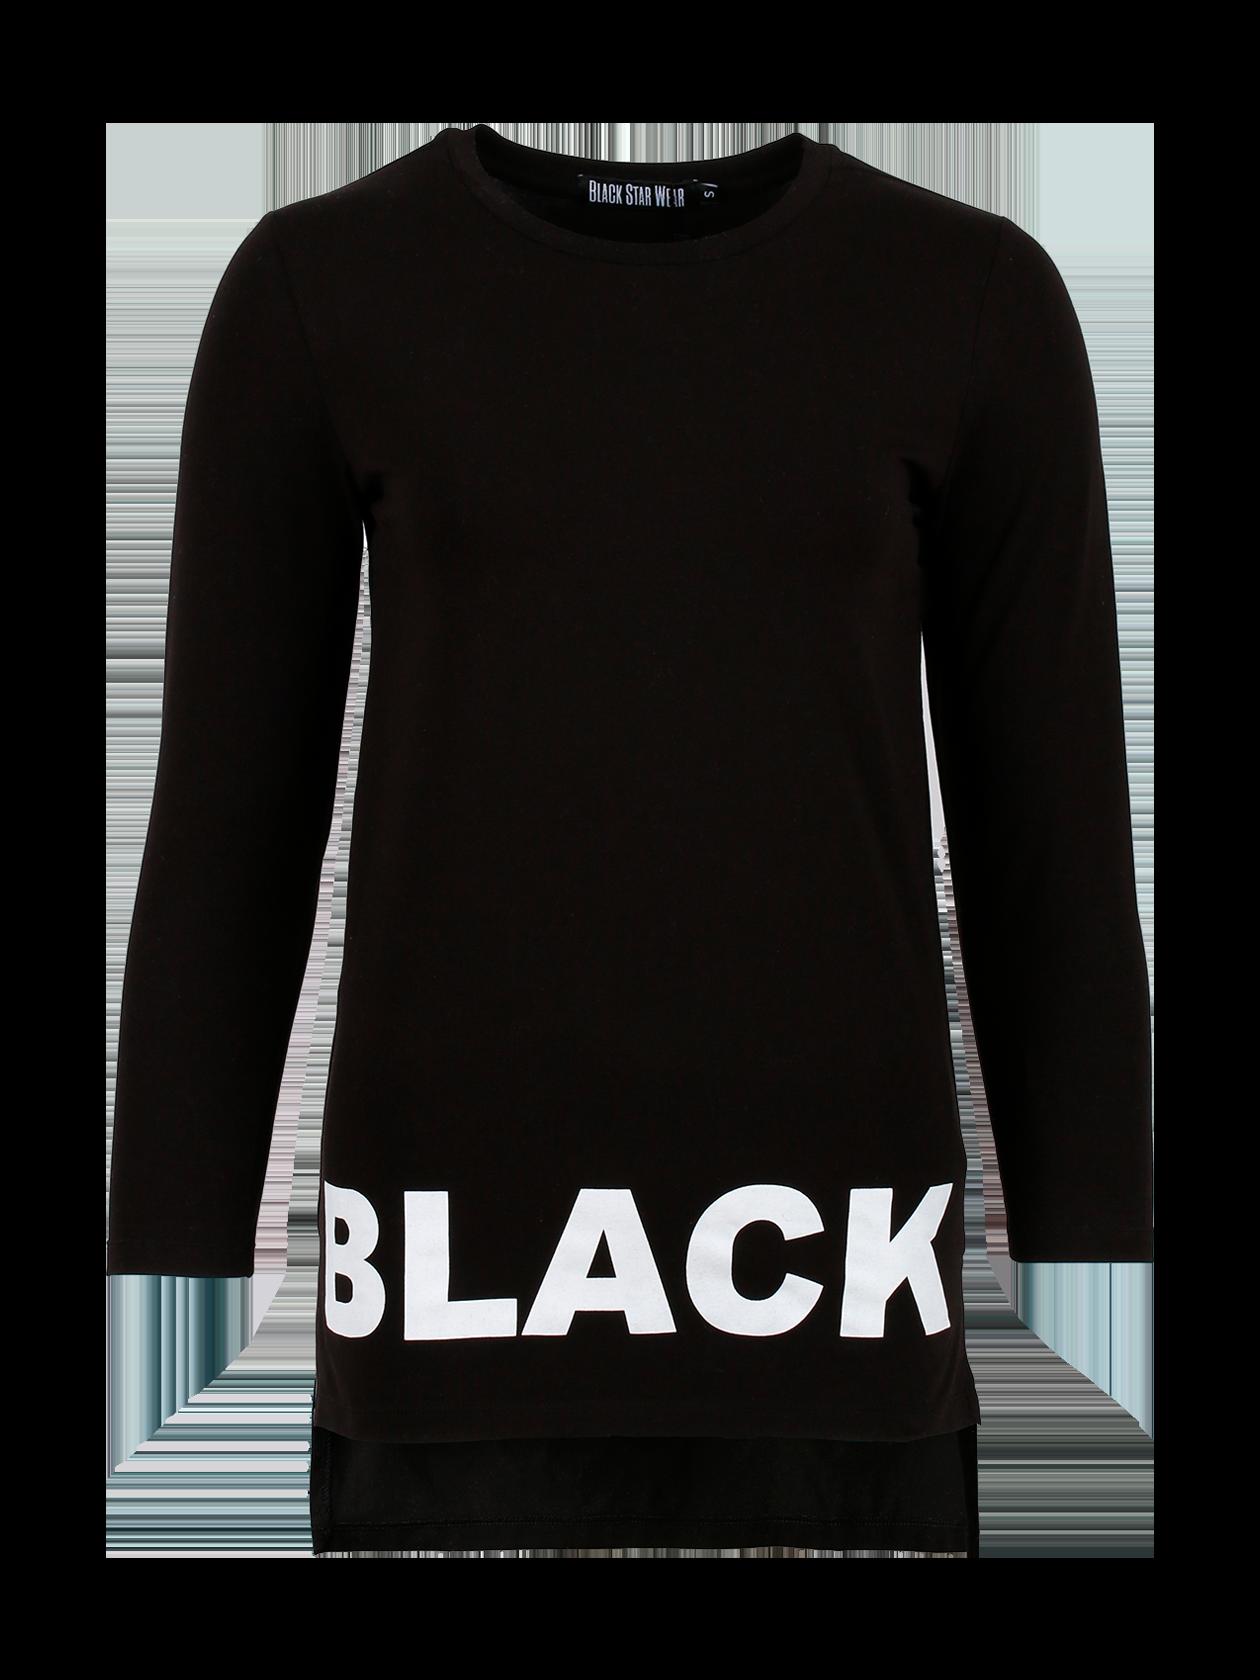 Туника женская BS BASICТуника женская BS Basic из новой линейки Basic – стильное дополнение к повседневному образу. Модель прямого полуоблегающего кроя с ассиметричным низом и длинным рукавом. Горловина округлой формы небольшой глубины, имеет жаккардовый лейбл Black Star Wear на внутренней стороне. Изделие черного цвета сшито из высококачественного бленда хлопка (95%) и лайкры (5%), обладает высокой практичностью. Спереди по низу оформлена надпись Black крупными белыми буквами. Цена стала еще выгоднее.<br><br>Размер: XS<br>Цвет: Черный<br>Пол: Унисекс